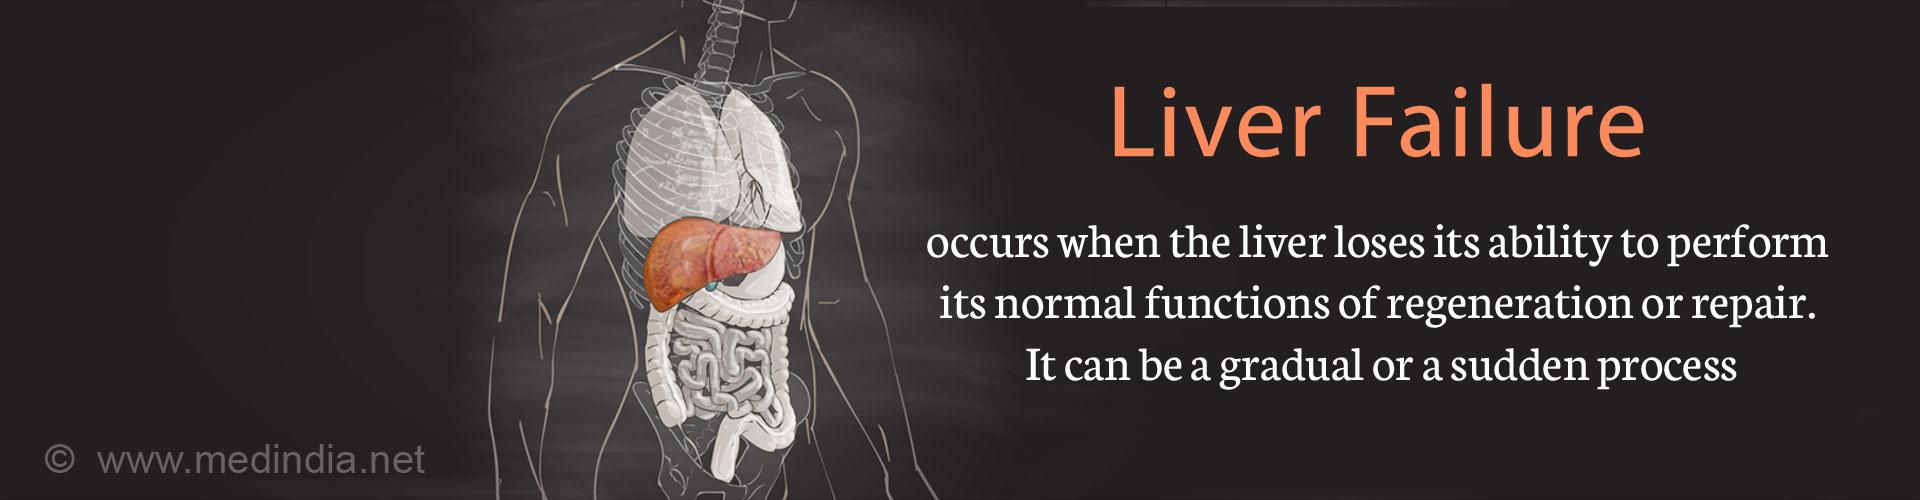 Liver Failure